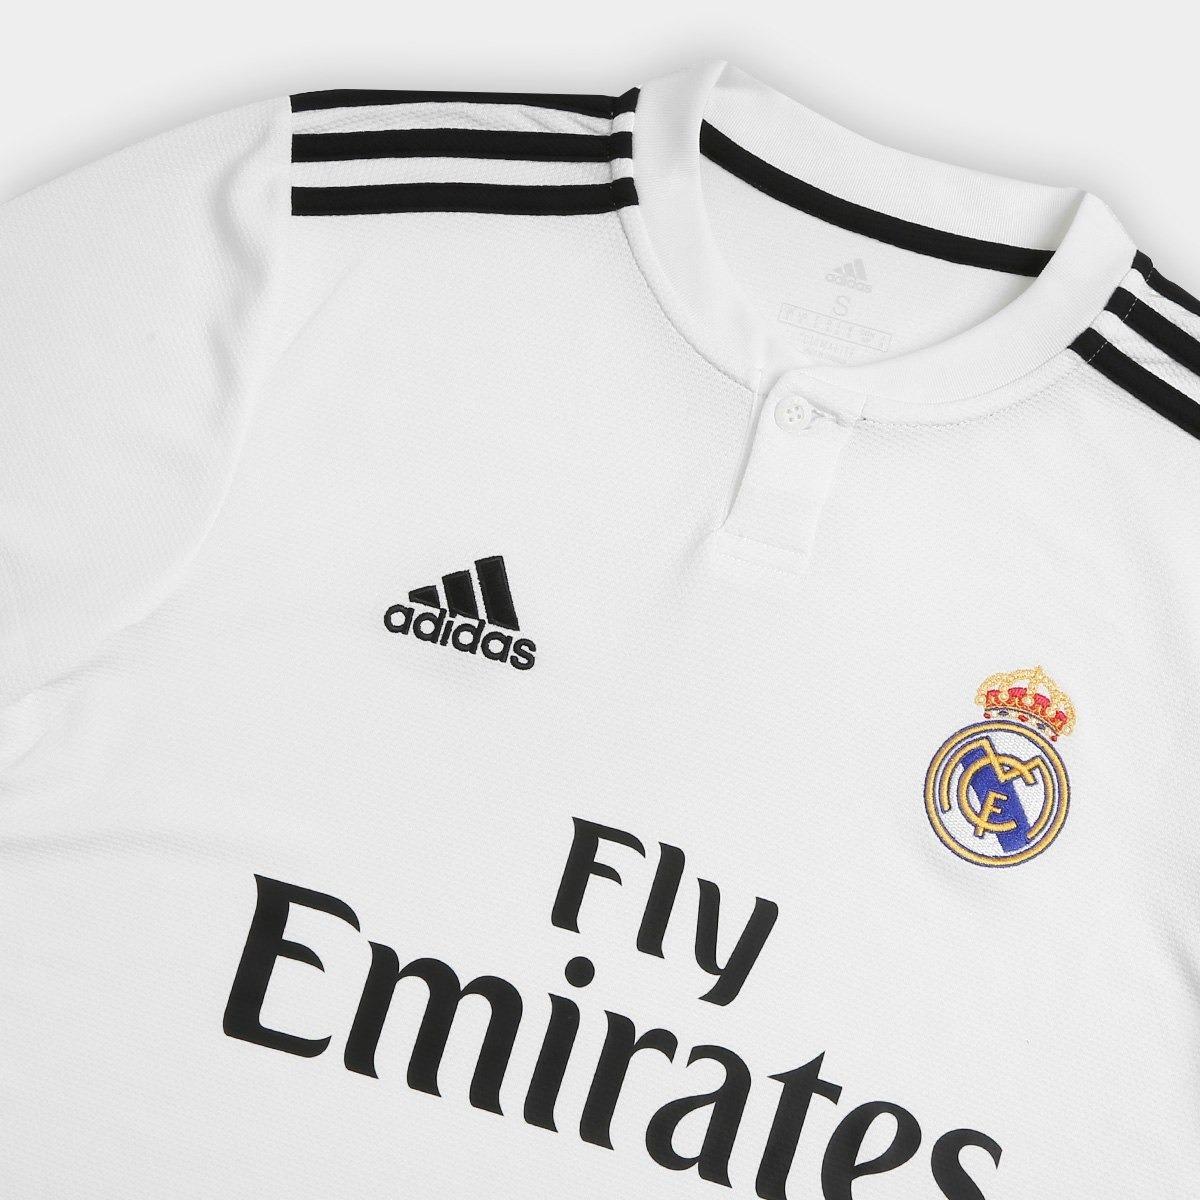 2e72cf5a35a71 Camisa Do Real Madrid 2018 Oficial - Promoção - R  150